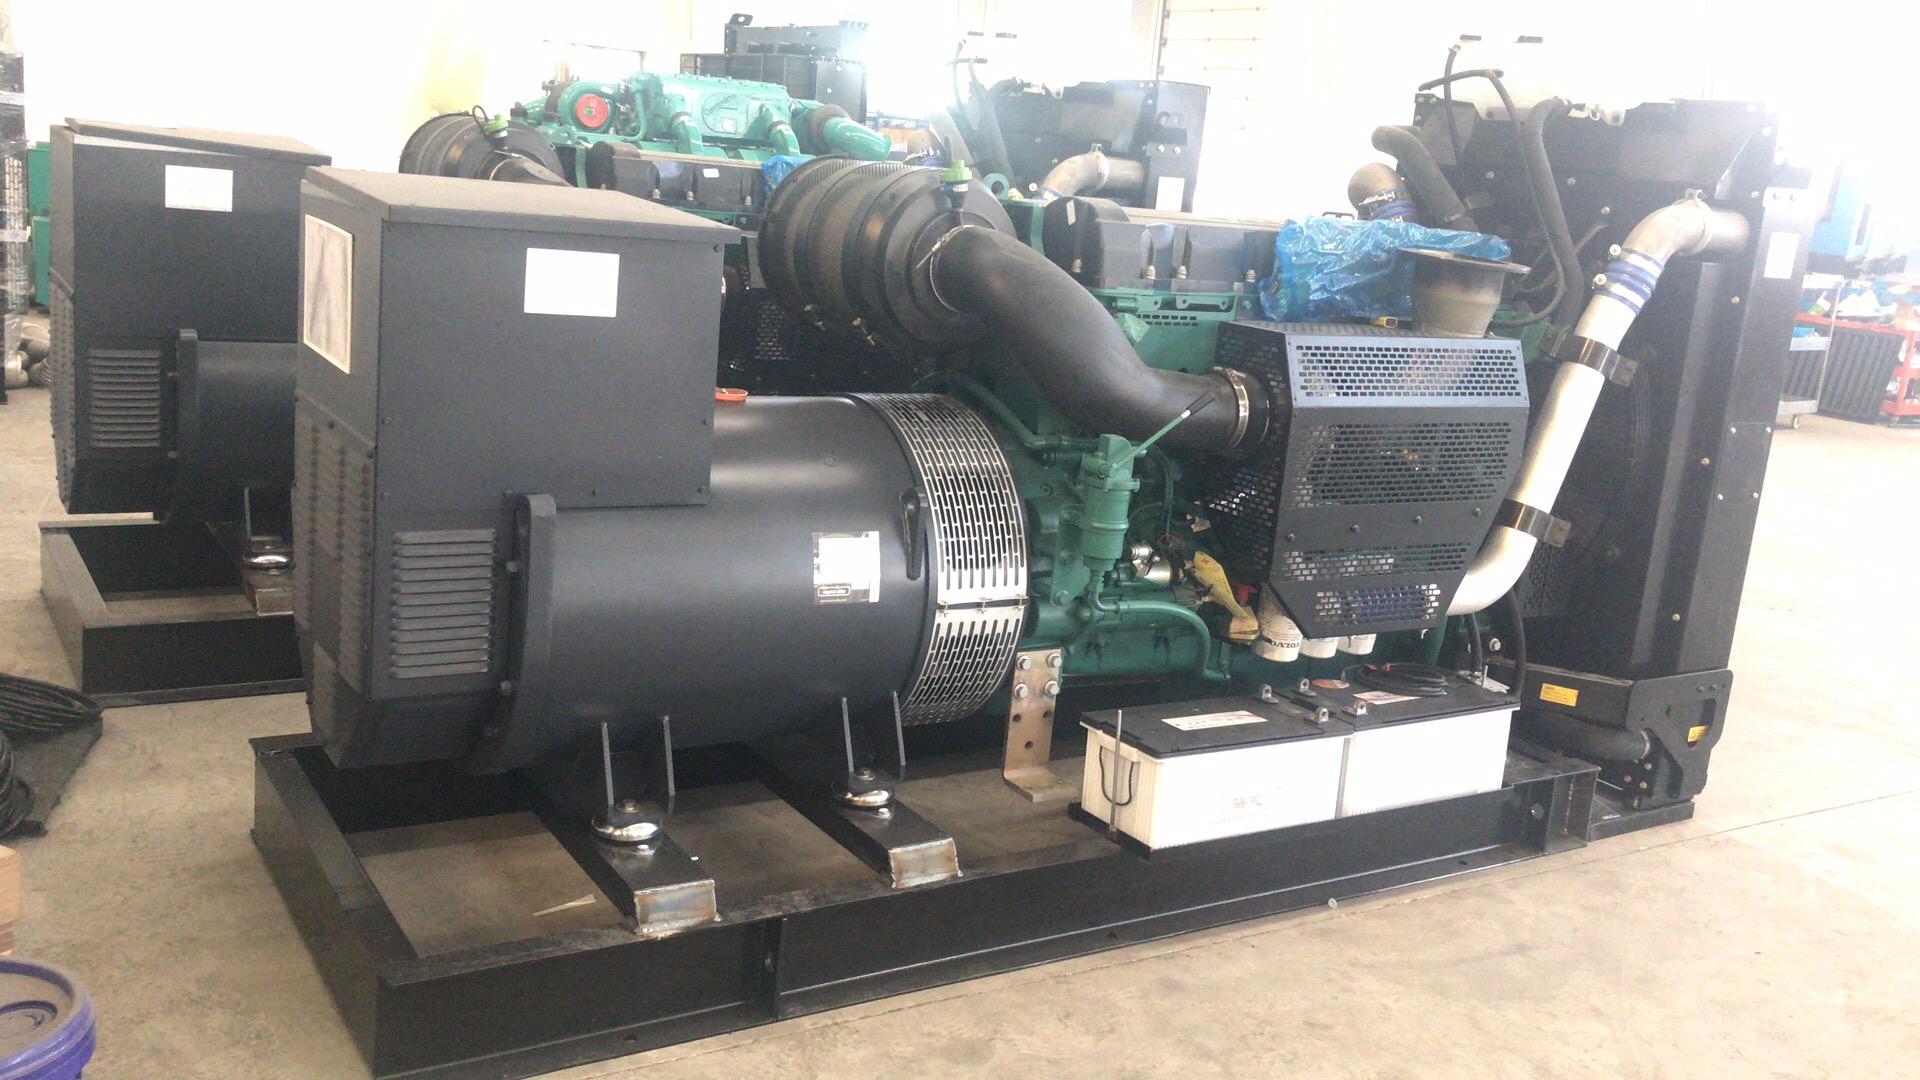 2台沃尔沃柴油发电机组已完工,待出厂检测